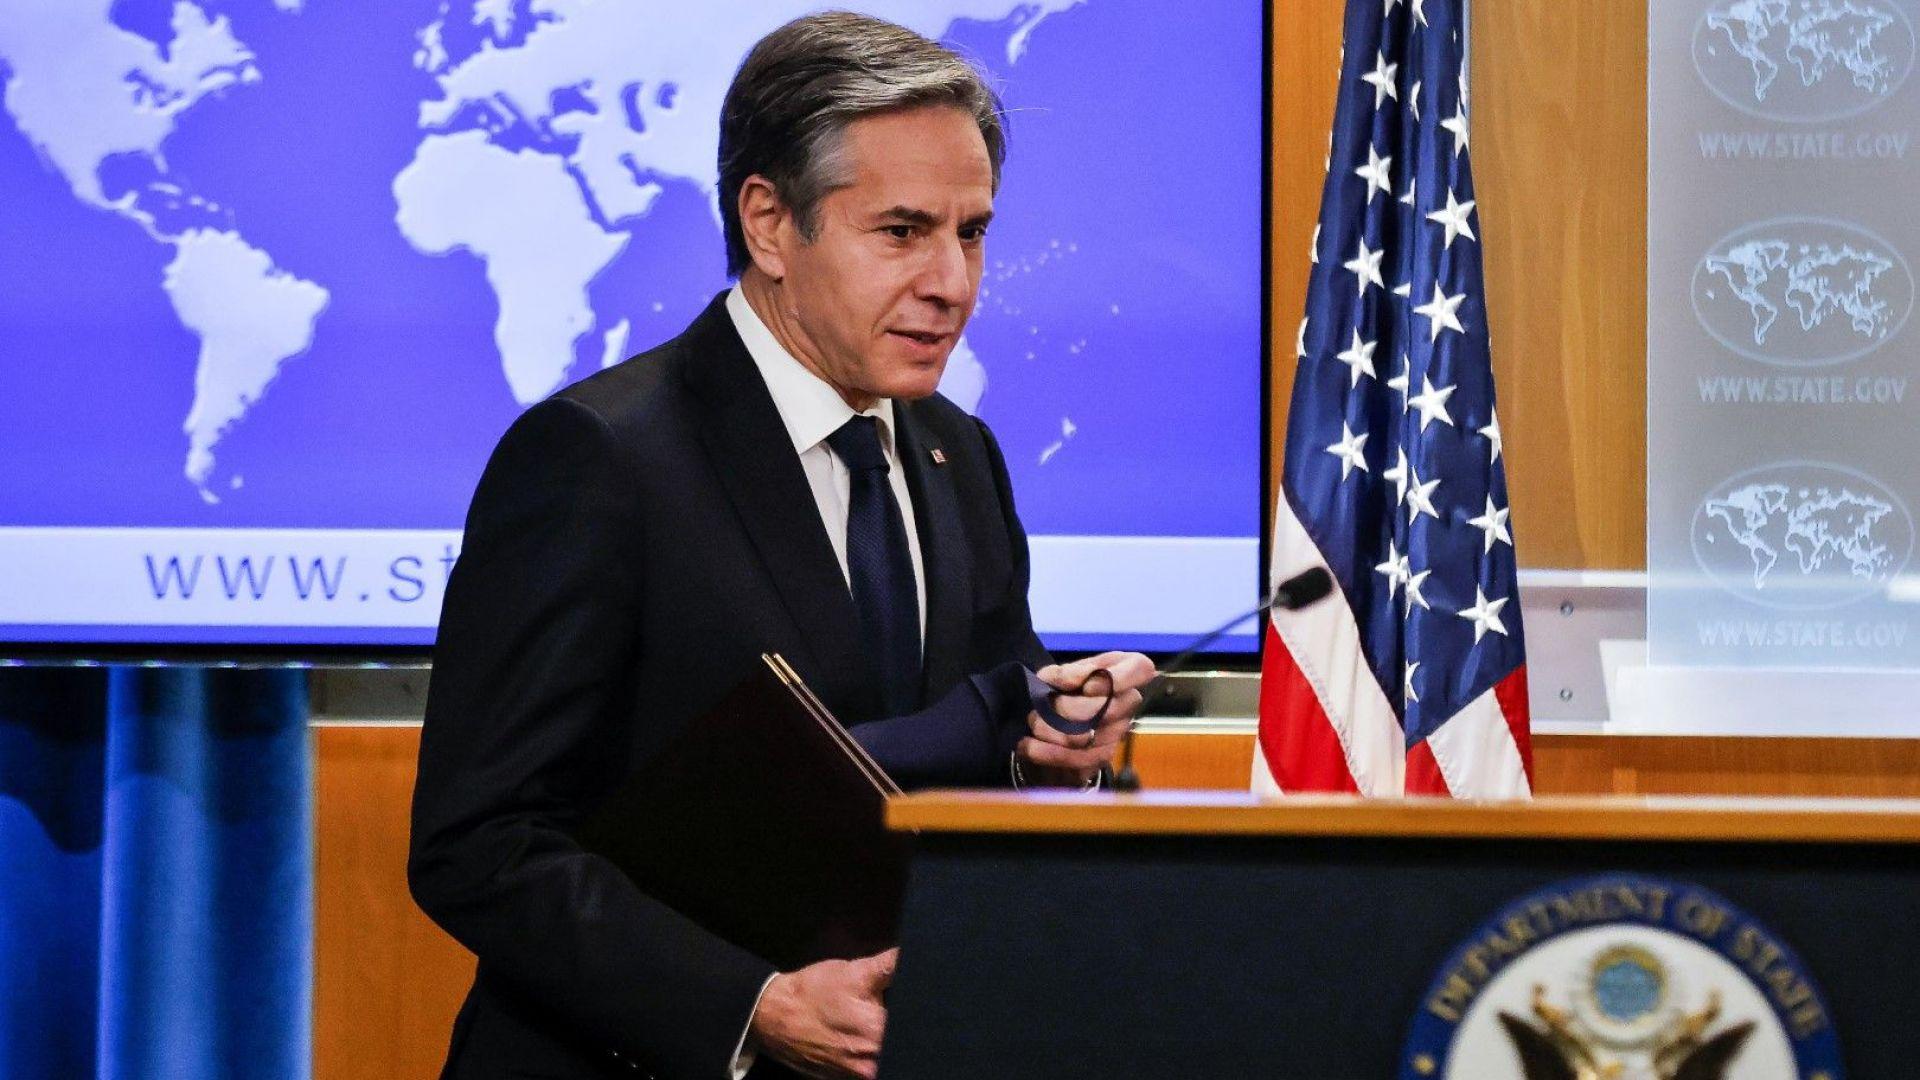 САЩ водят разговори с 20 държави след обявяване на талибанското правителство